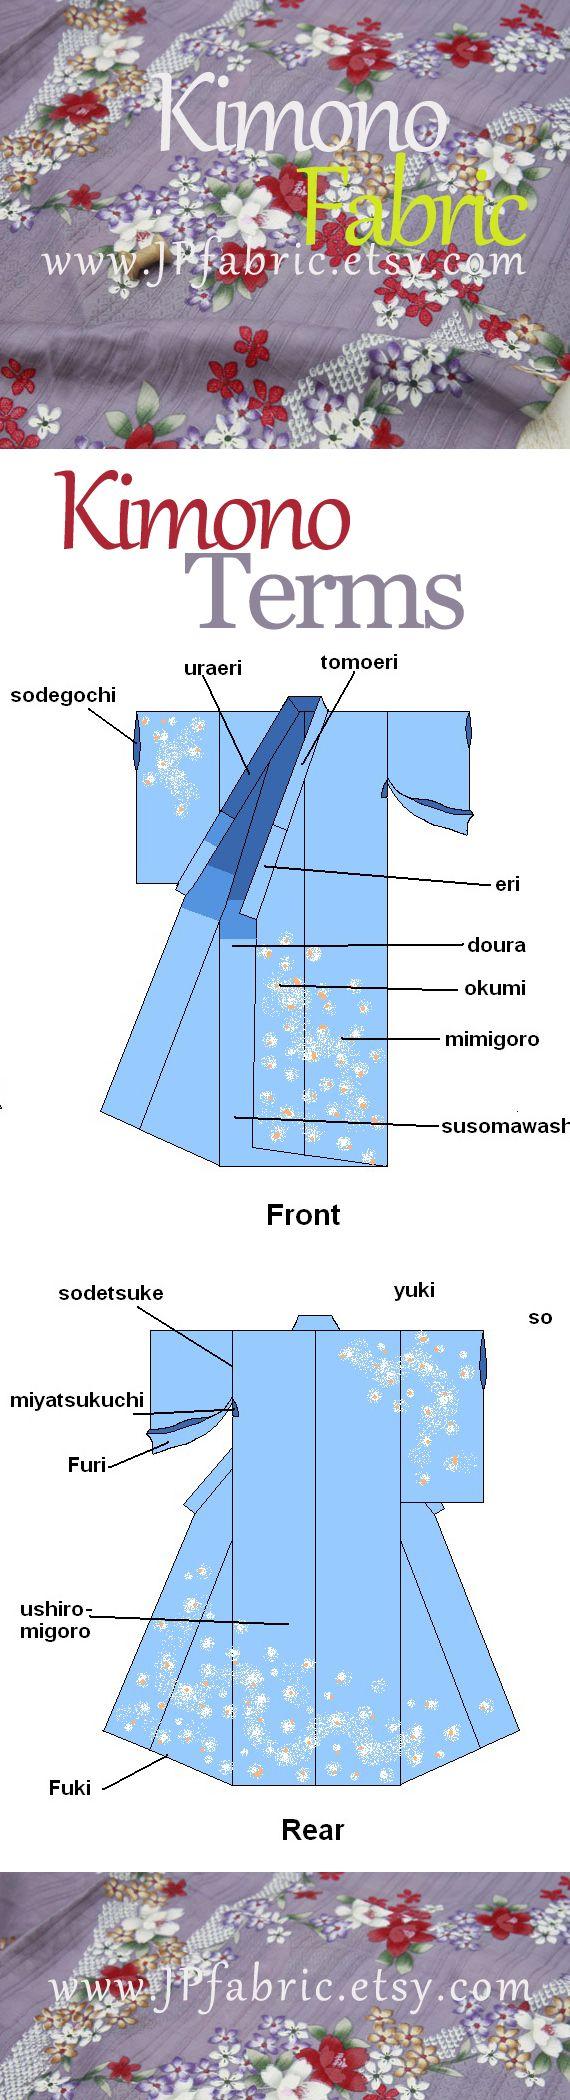 Kimono terms - parts of japanese kimono. Buy kimono fabrics ...